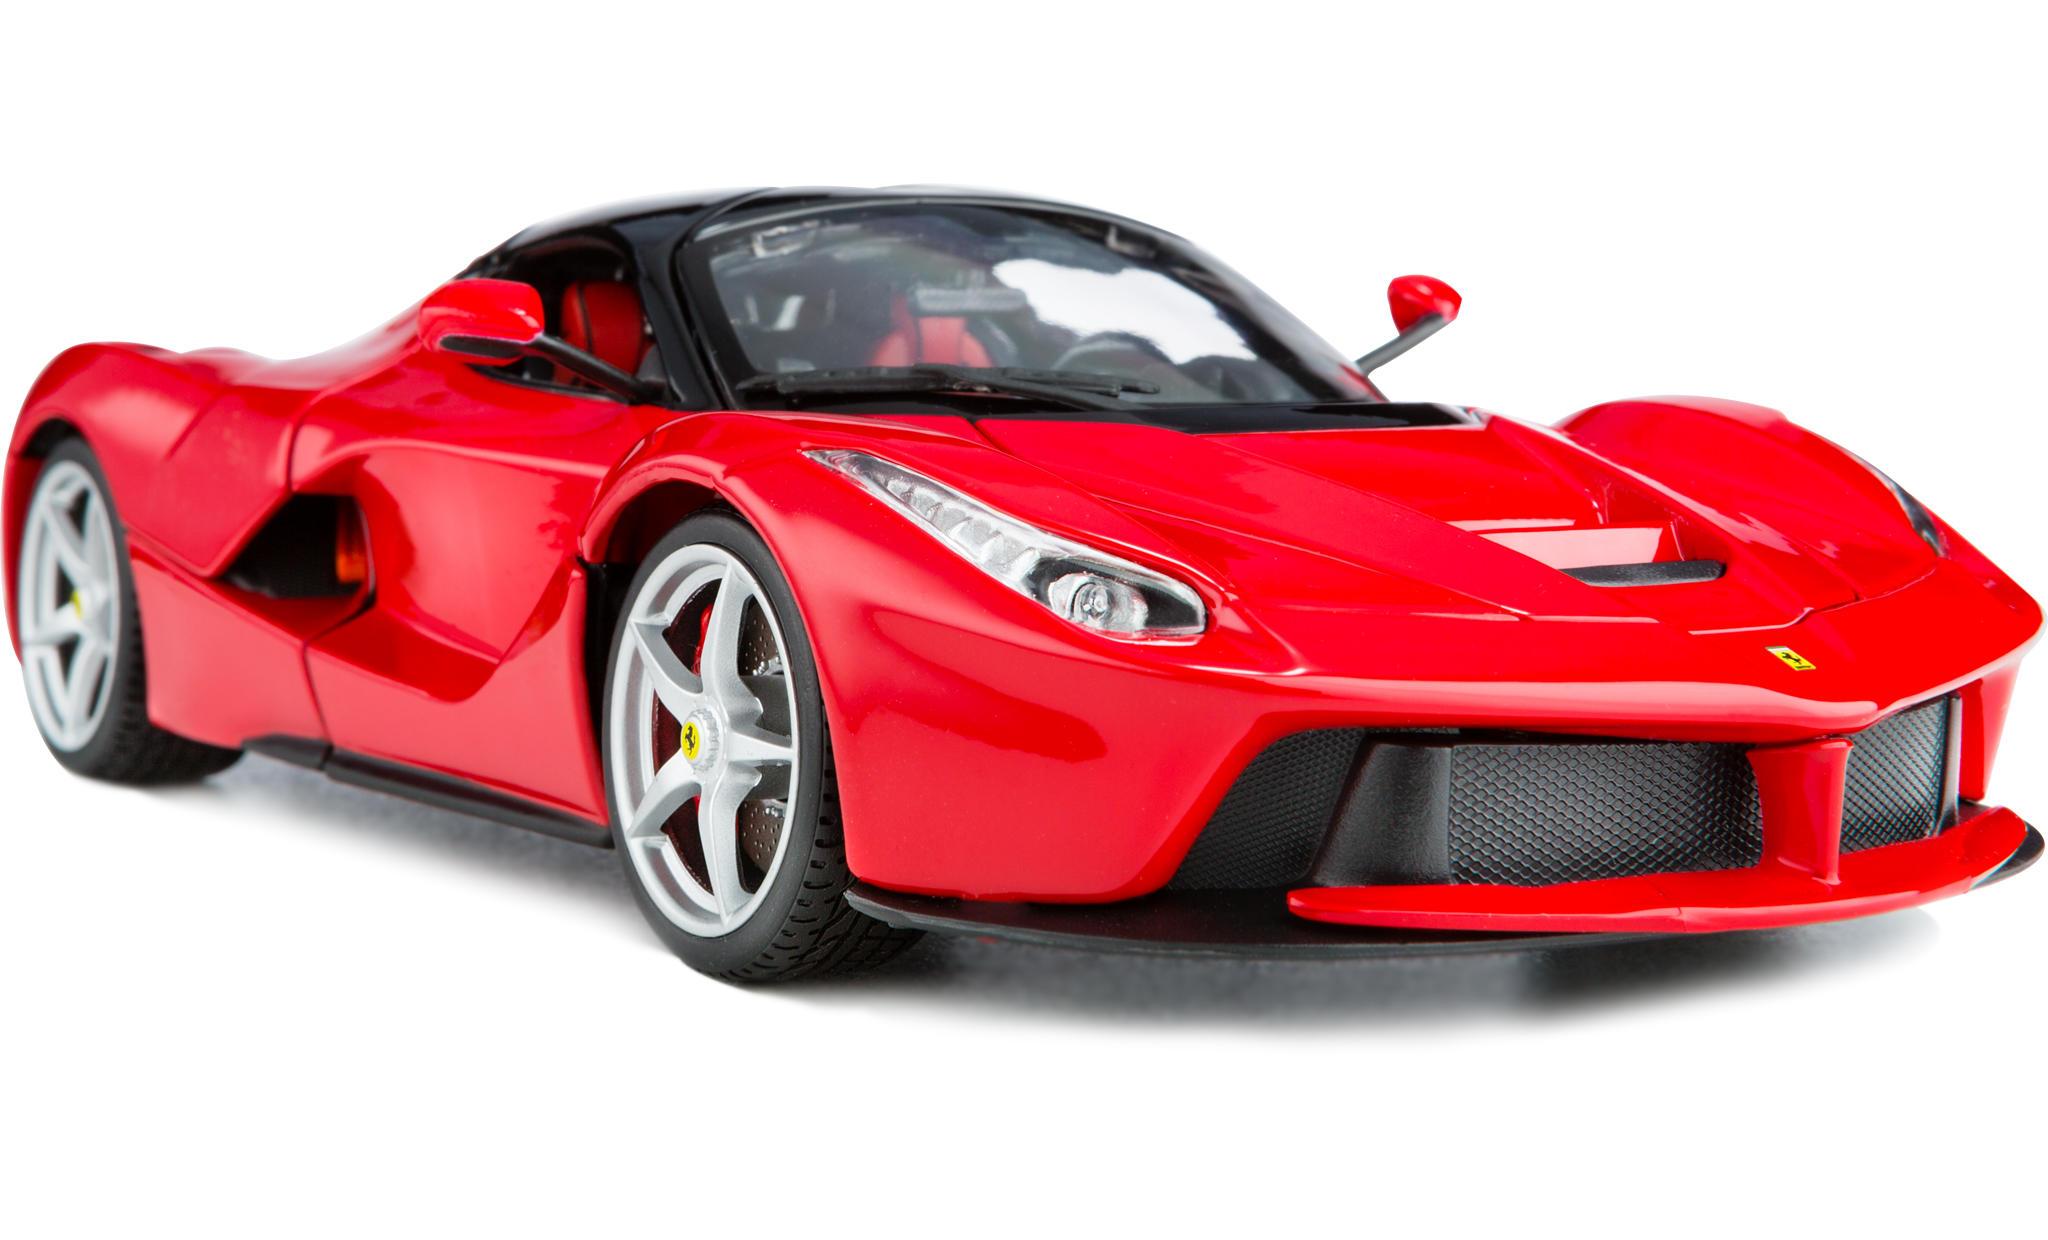 Ferrari LaFerrari Signature Series